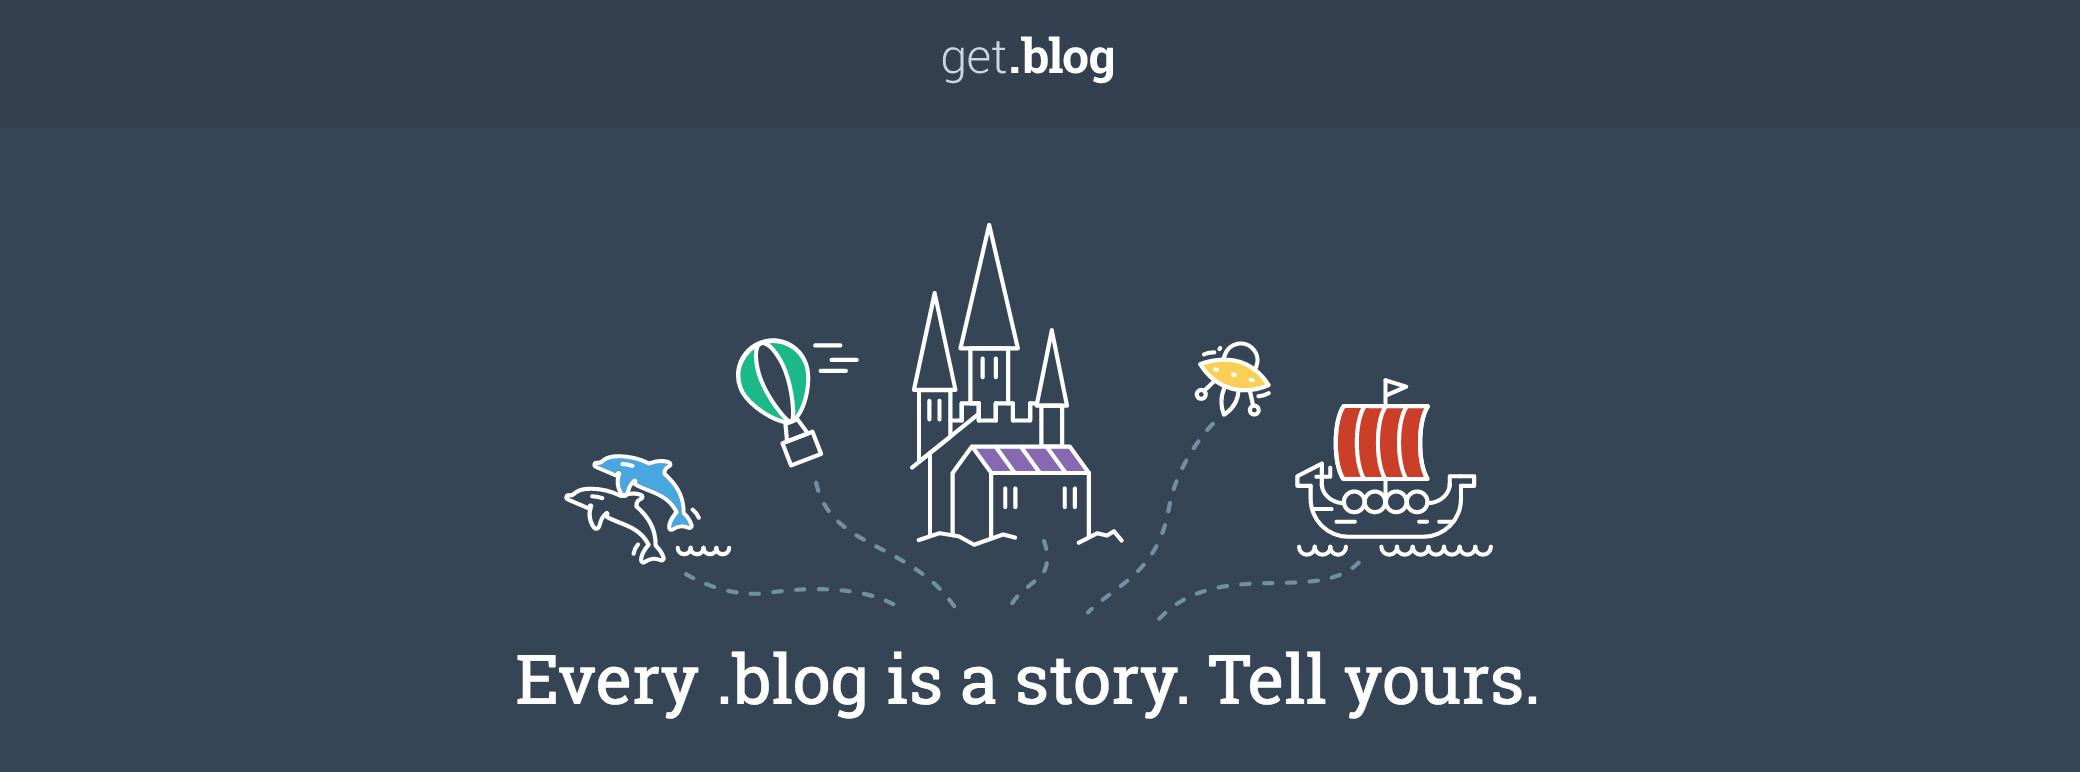 get.blog